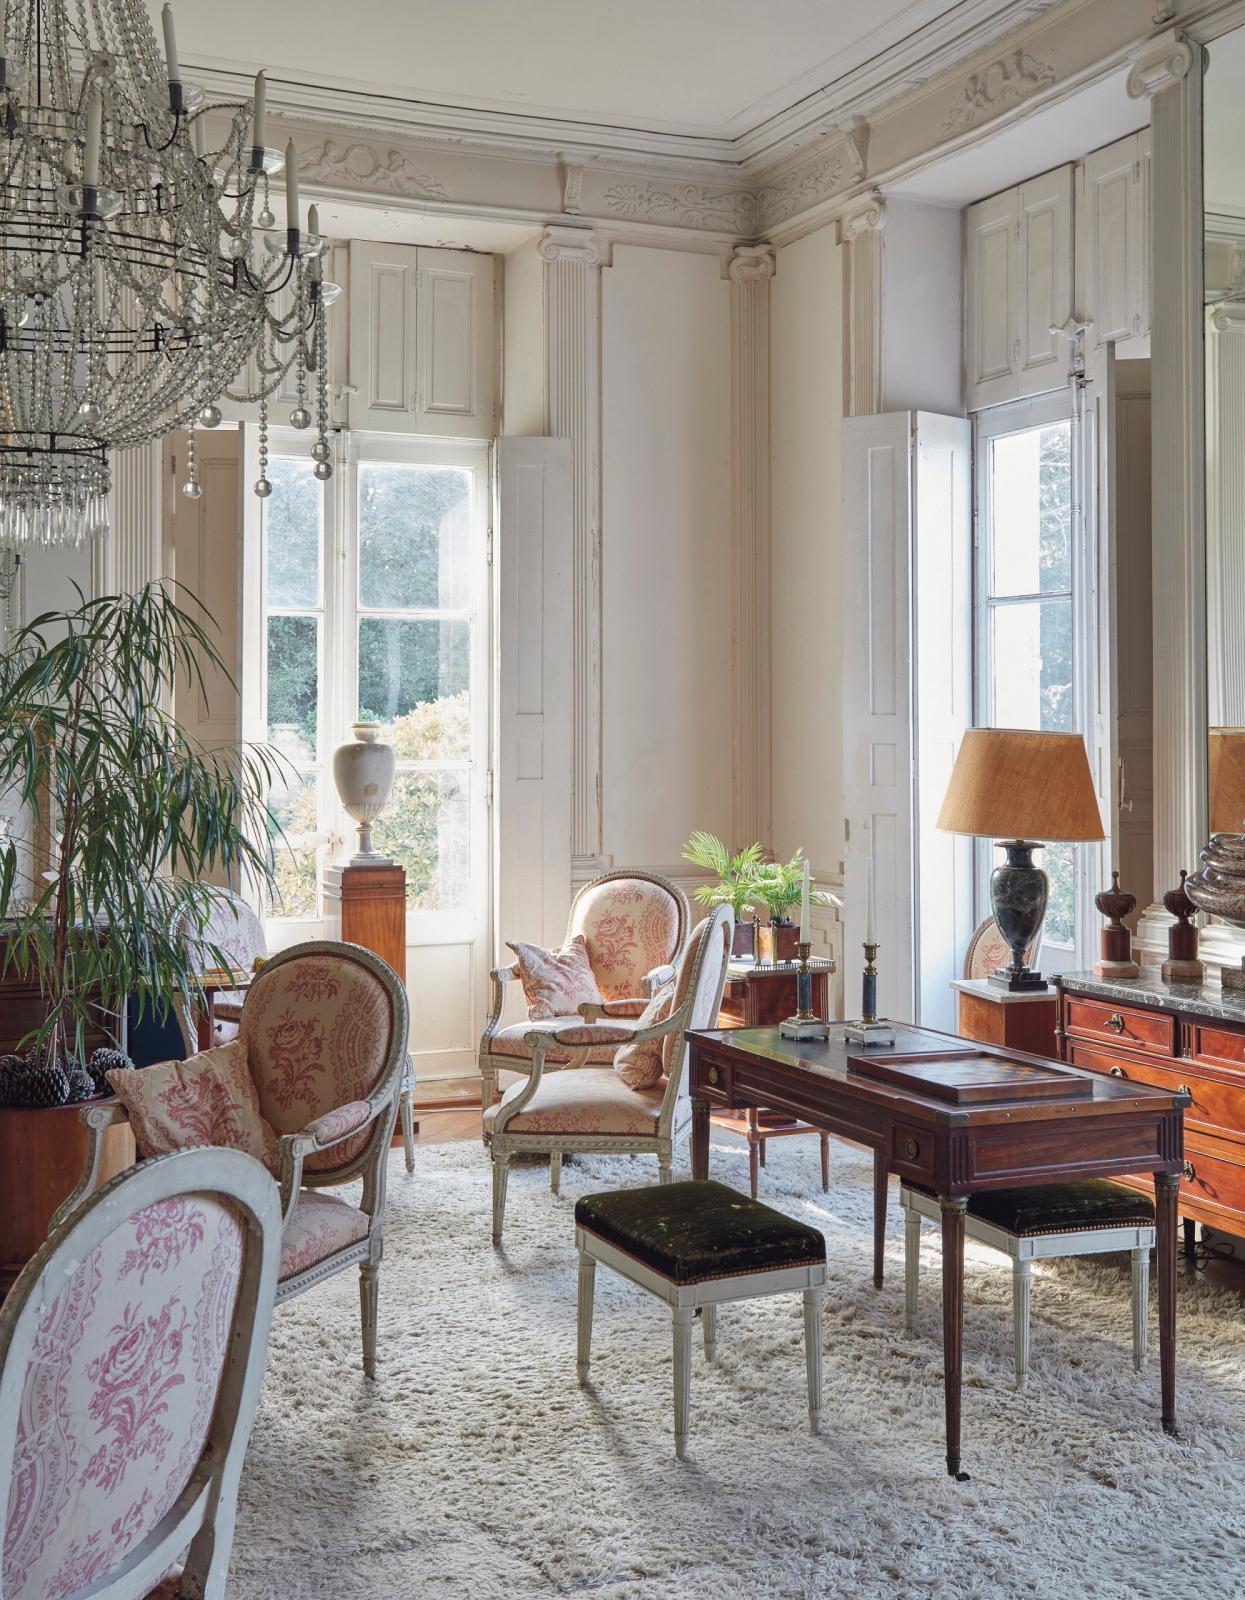 Le salon du décorateur accueillait des meubles d'époque et de style LouisXVI.